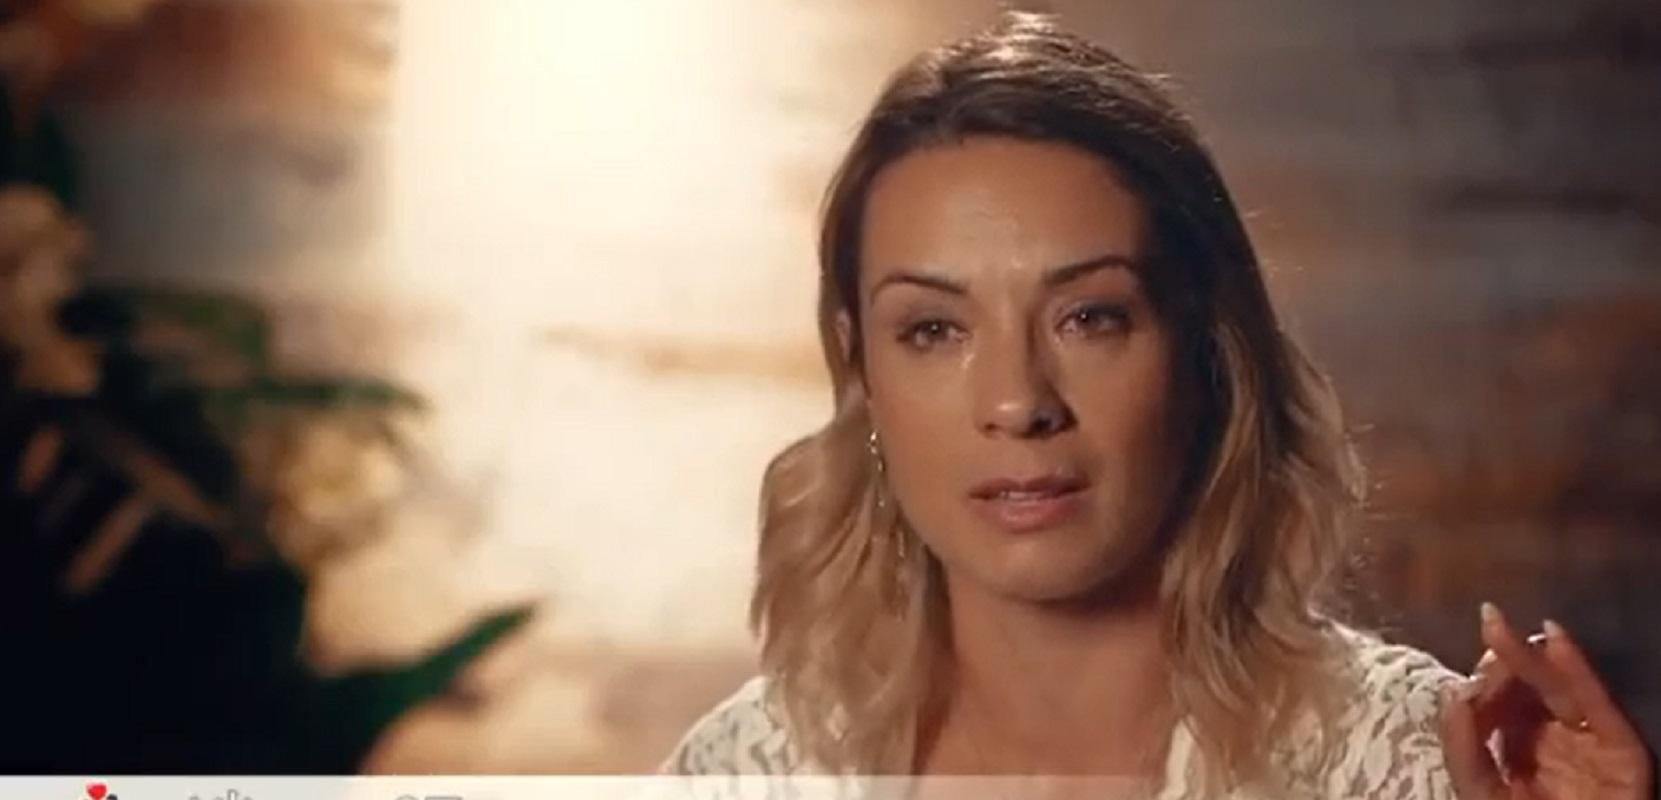 Liliana 1 'Casados'. Liliana: &Quot;O Meu Pai Esteve Desaparecido Uma Semana E Foi Assassinado…&Quot;